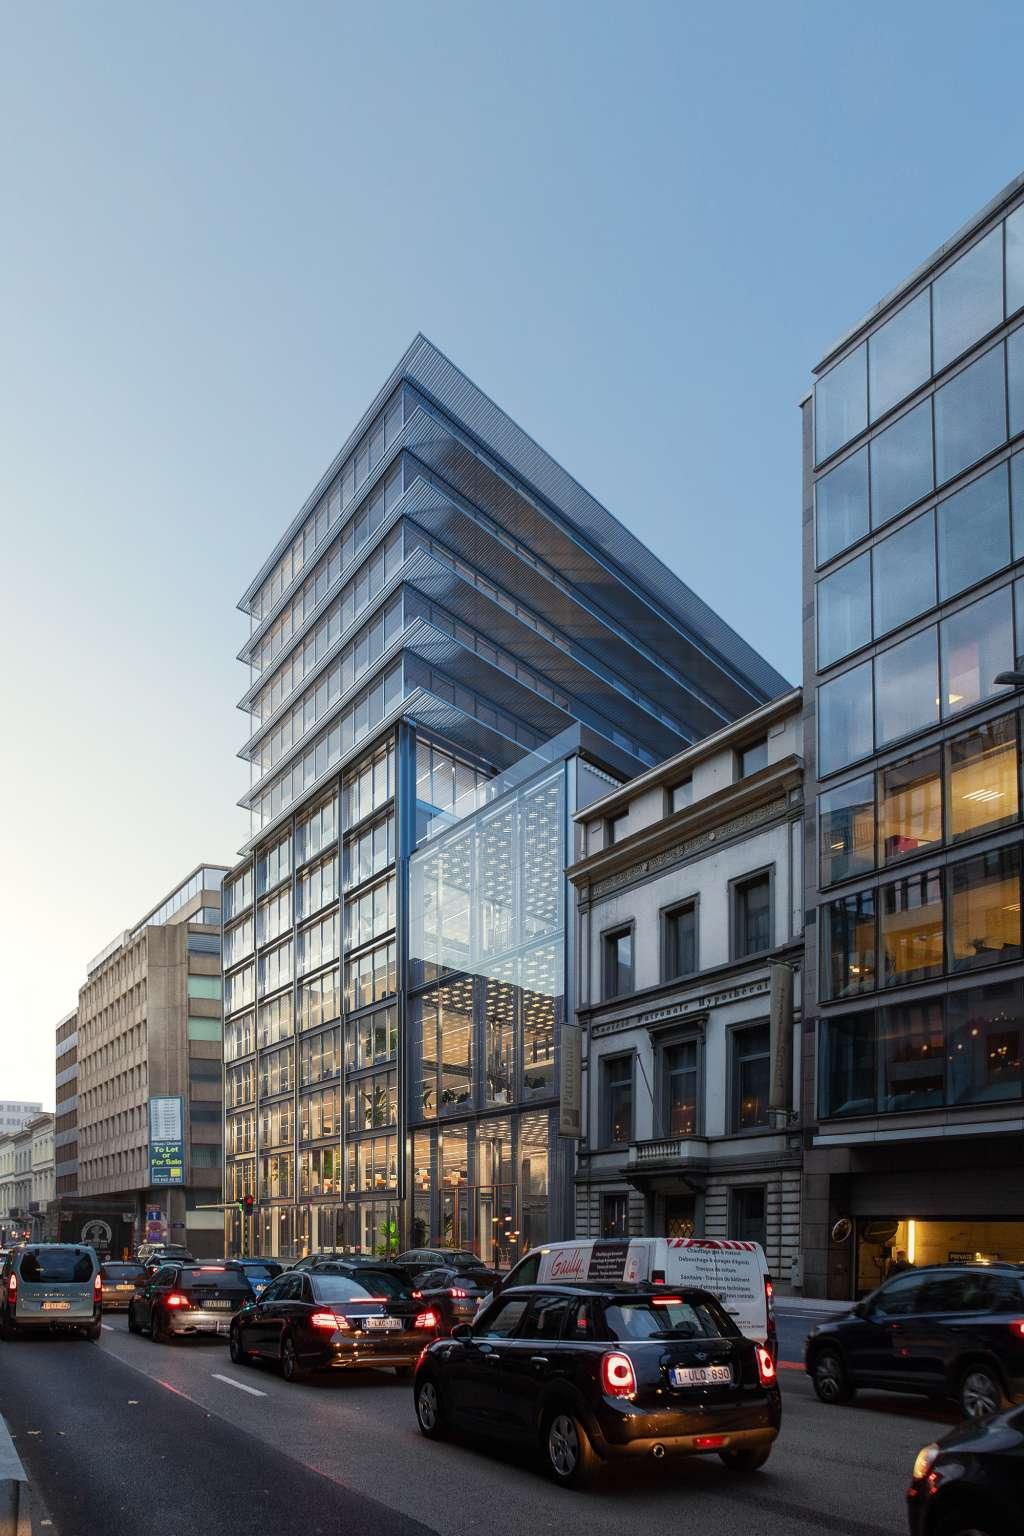 Brussel gebouw